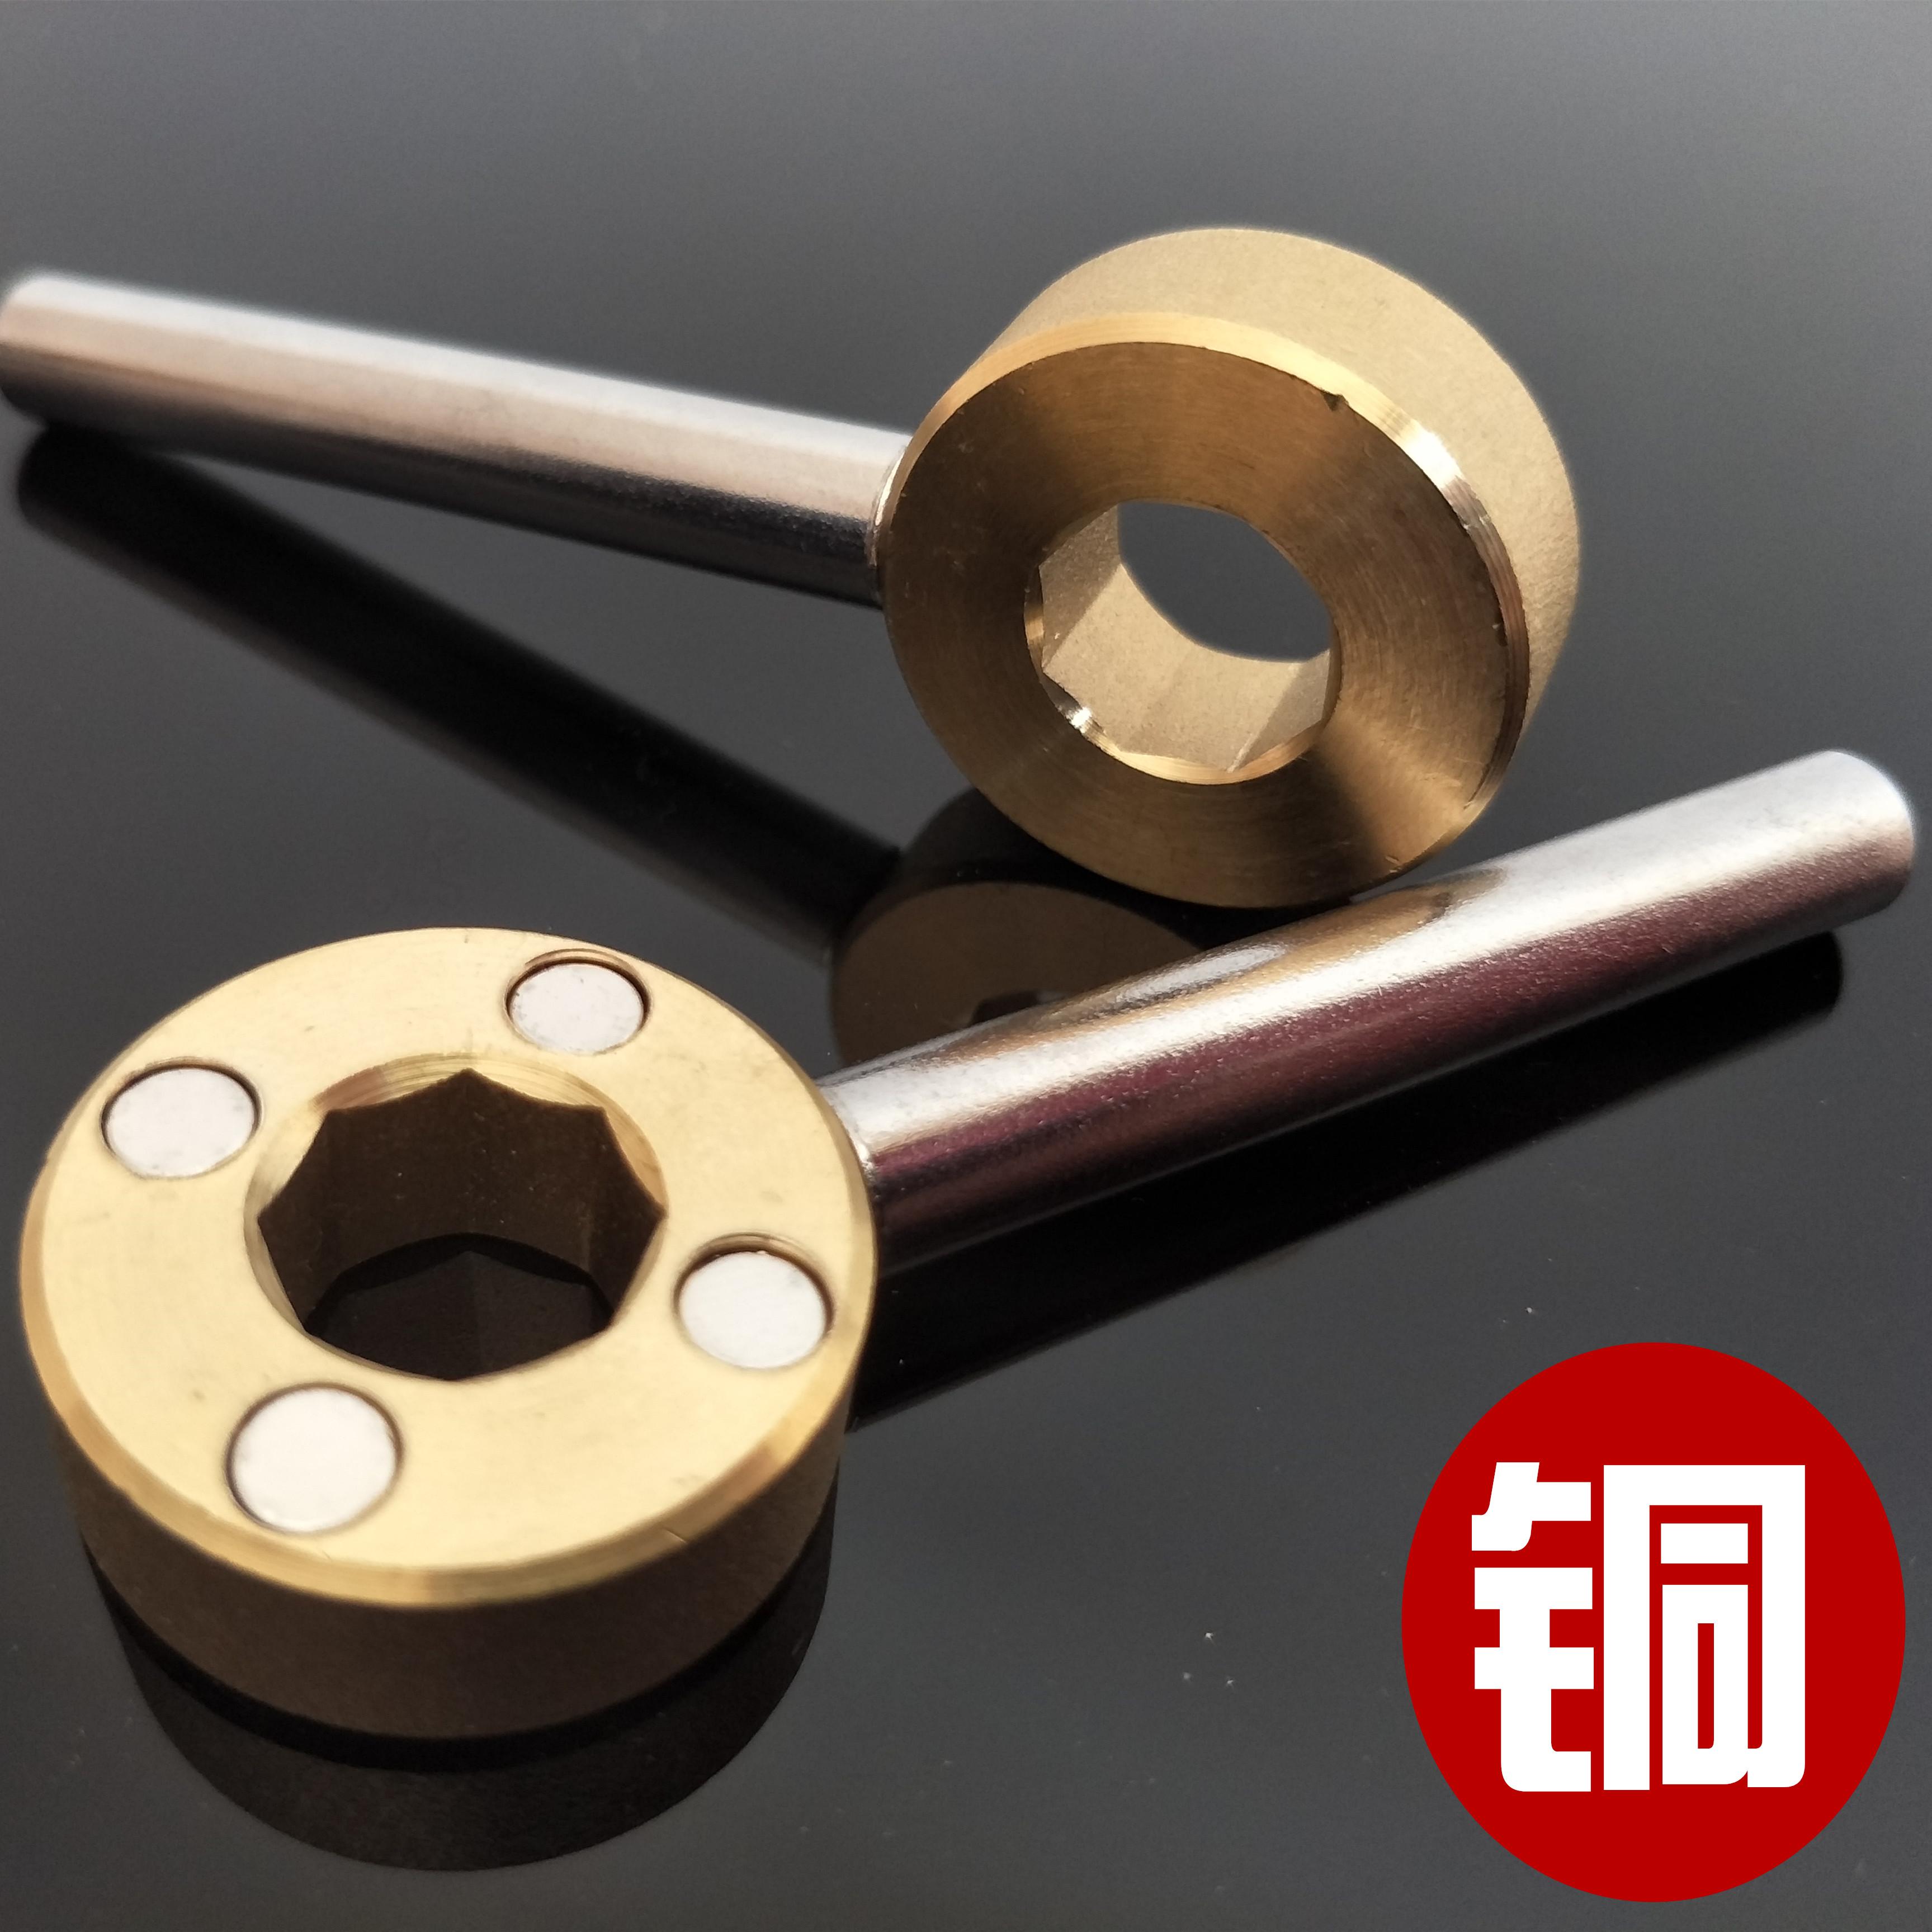 Soupape de chauffage de forme octogonale clé de soupape de verrouillage magnétique de l'eau du robinet, la soupape de commutation de paquet de clés de la clé d'ouverture